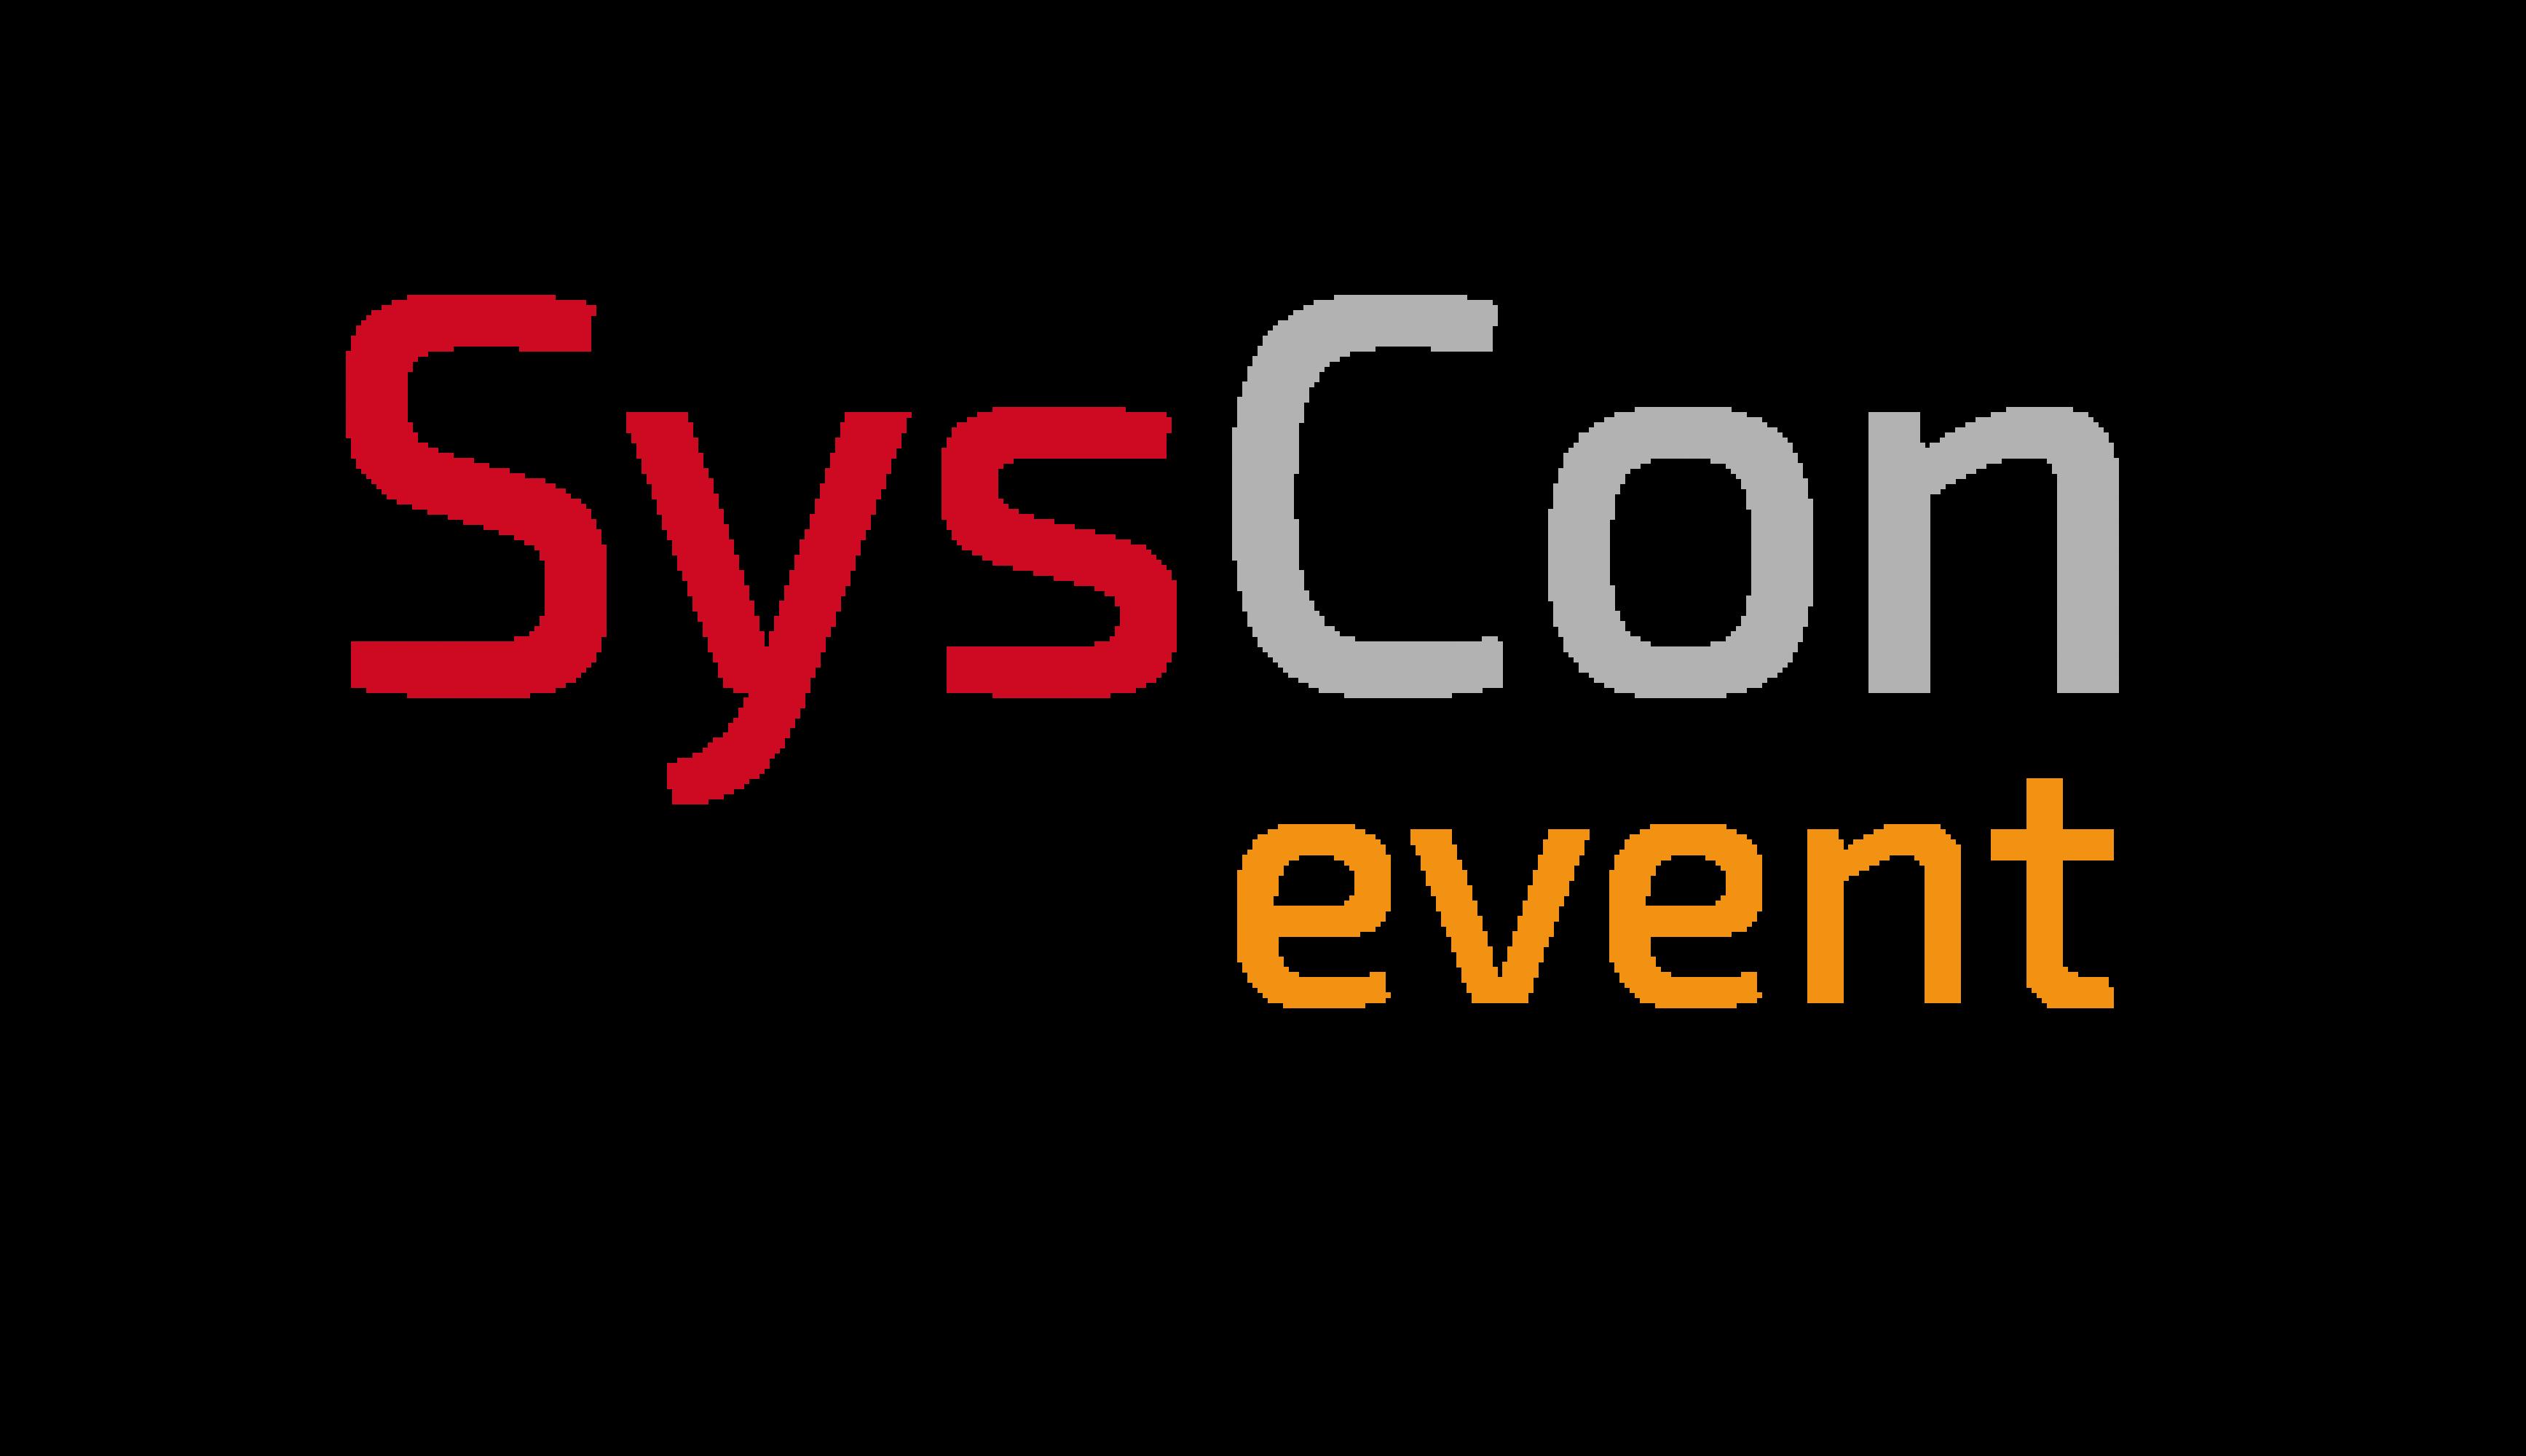 SysCon_event@2x